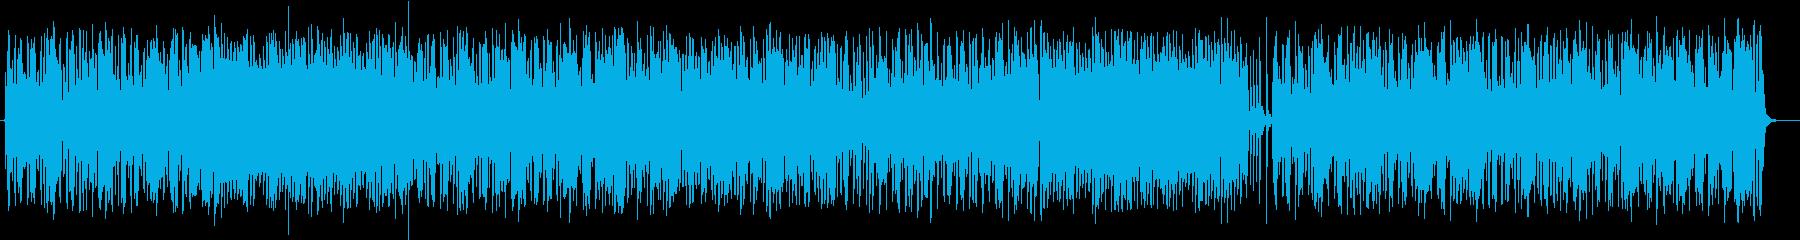 ポップで軽快なバイオリンクラシックの再生済みの波形